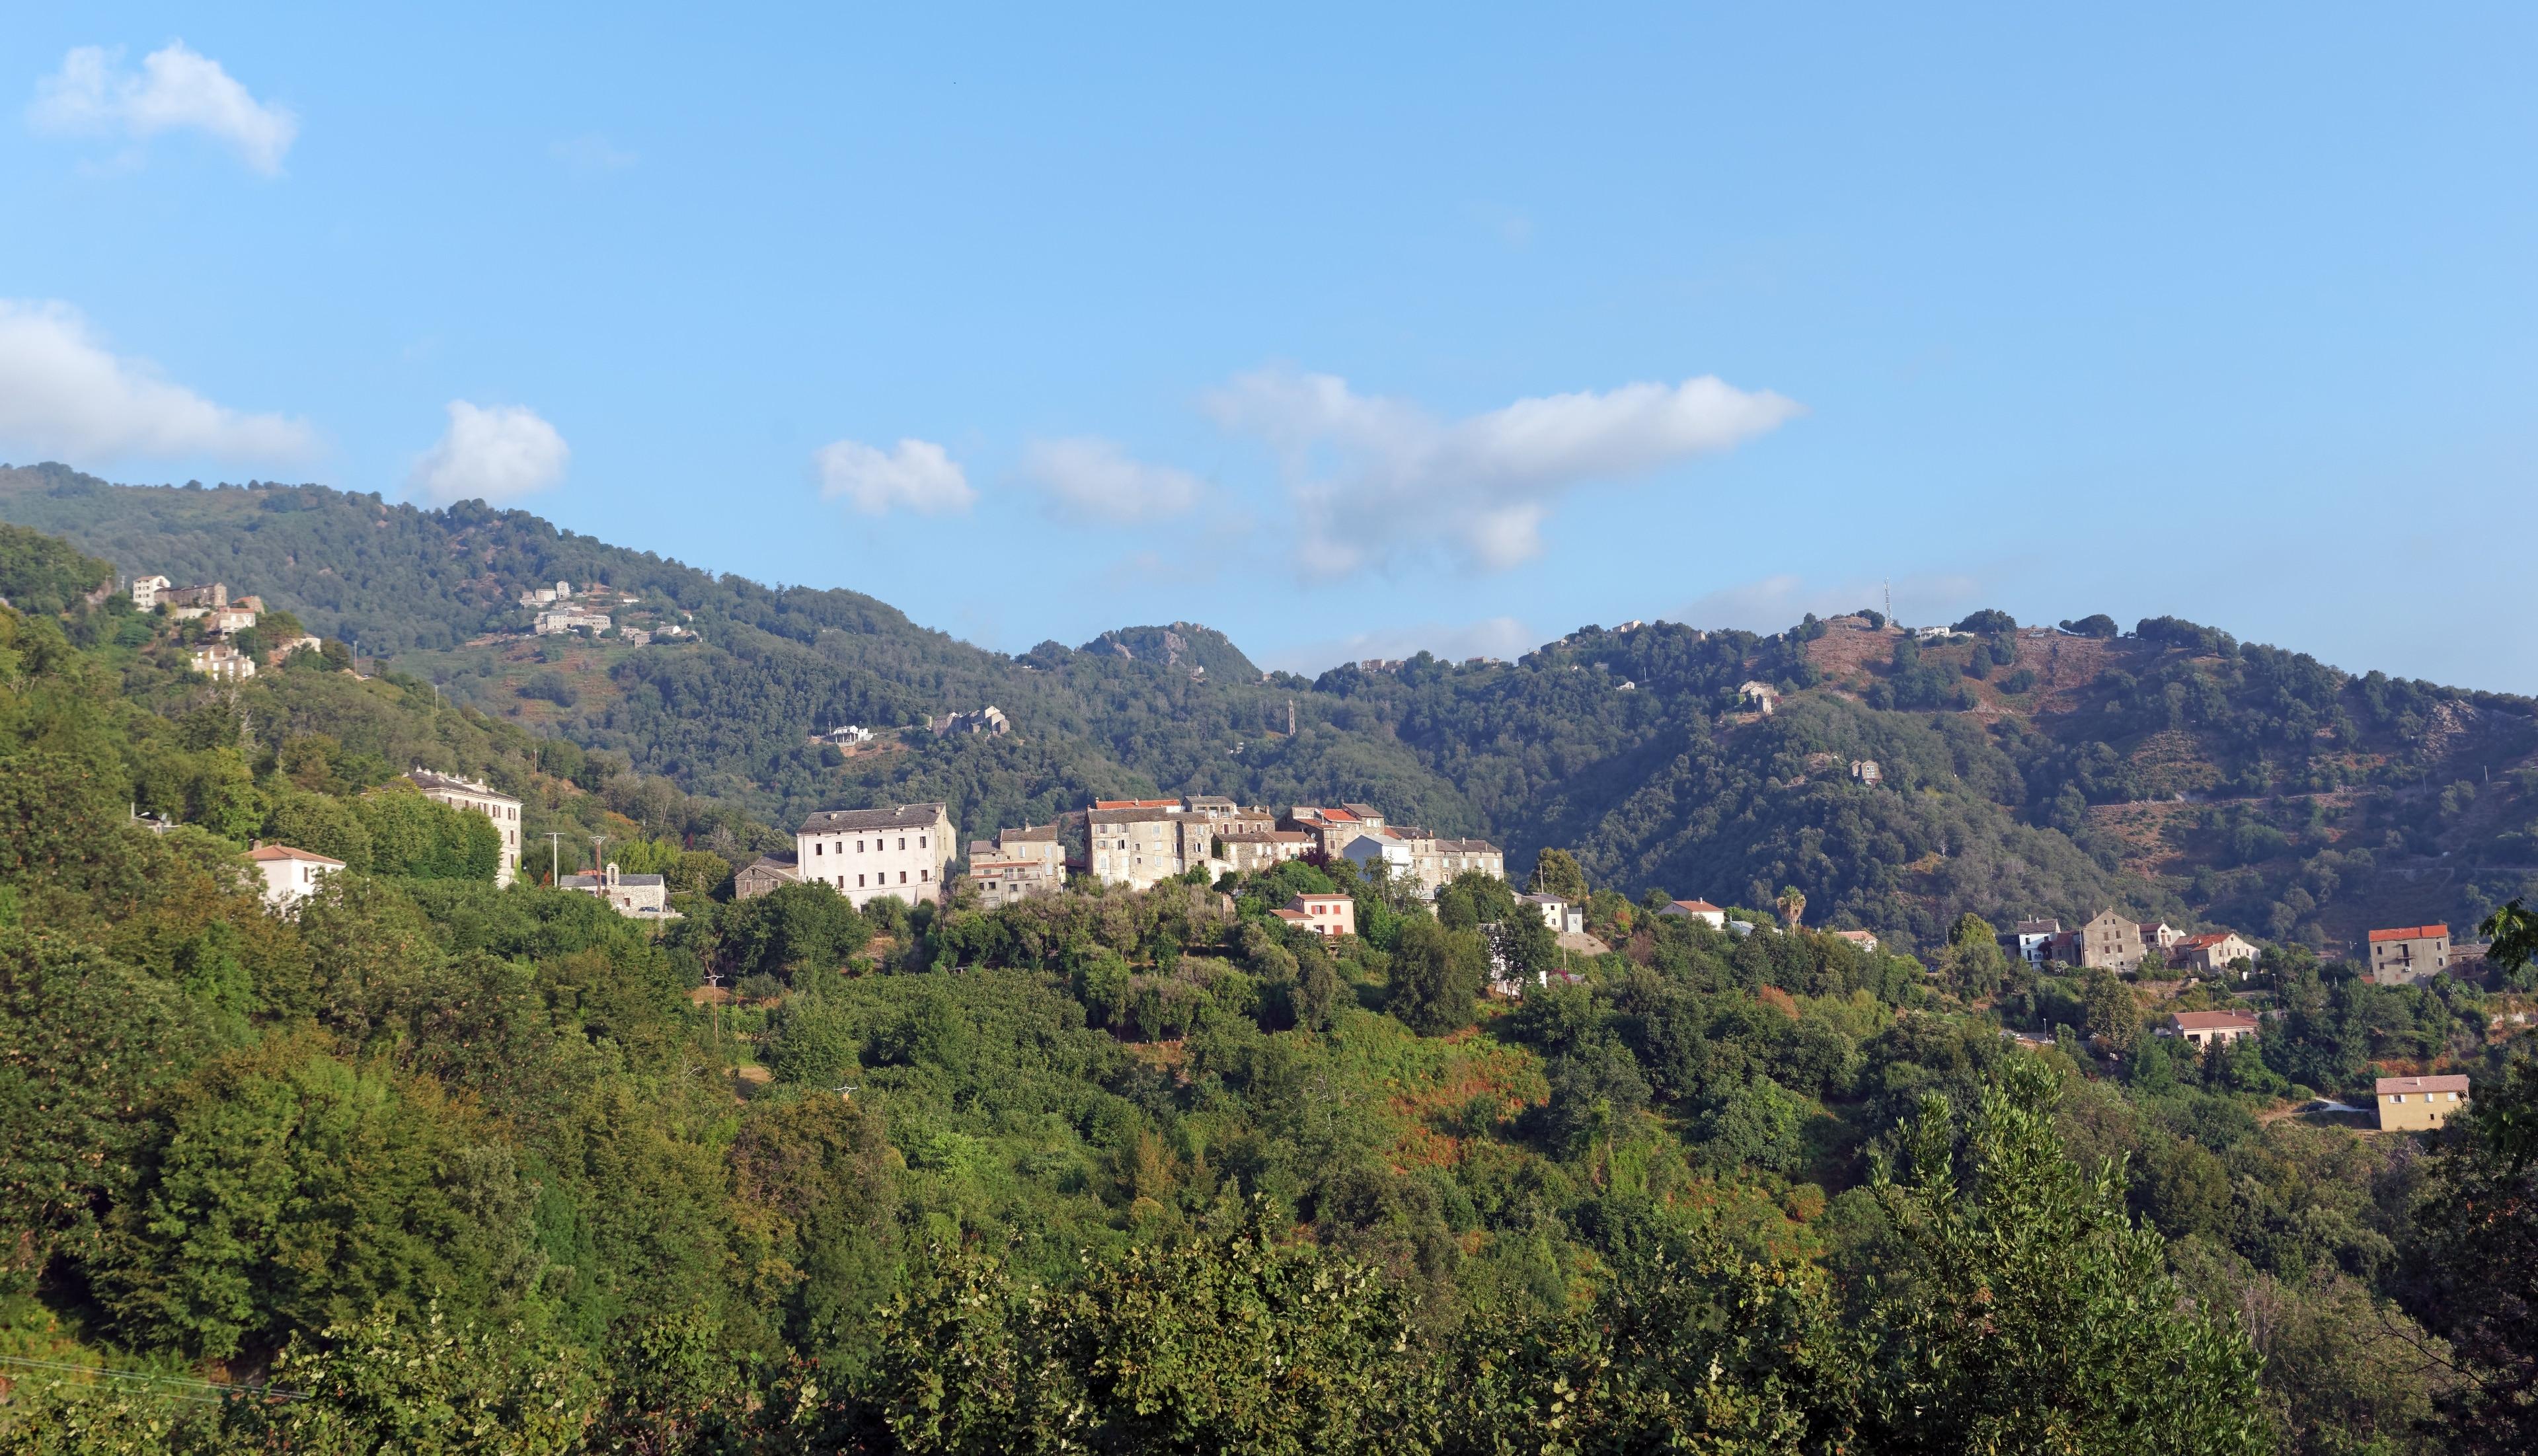 San-Nicolao, Haute-Corse, France